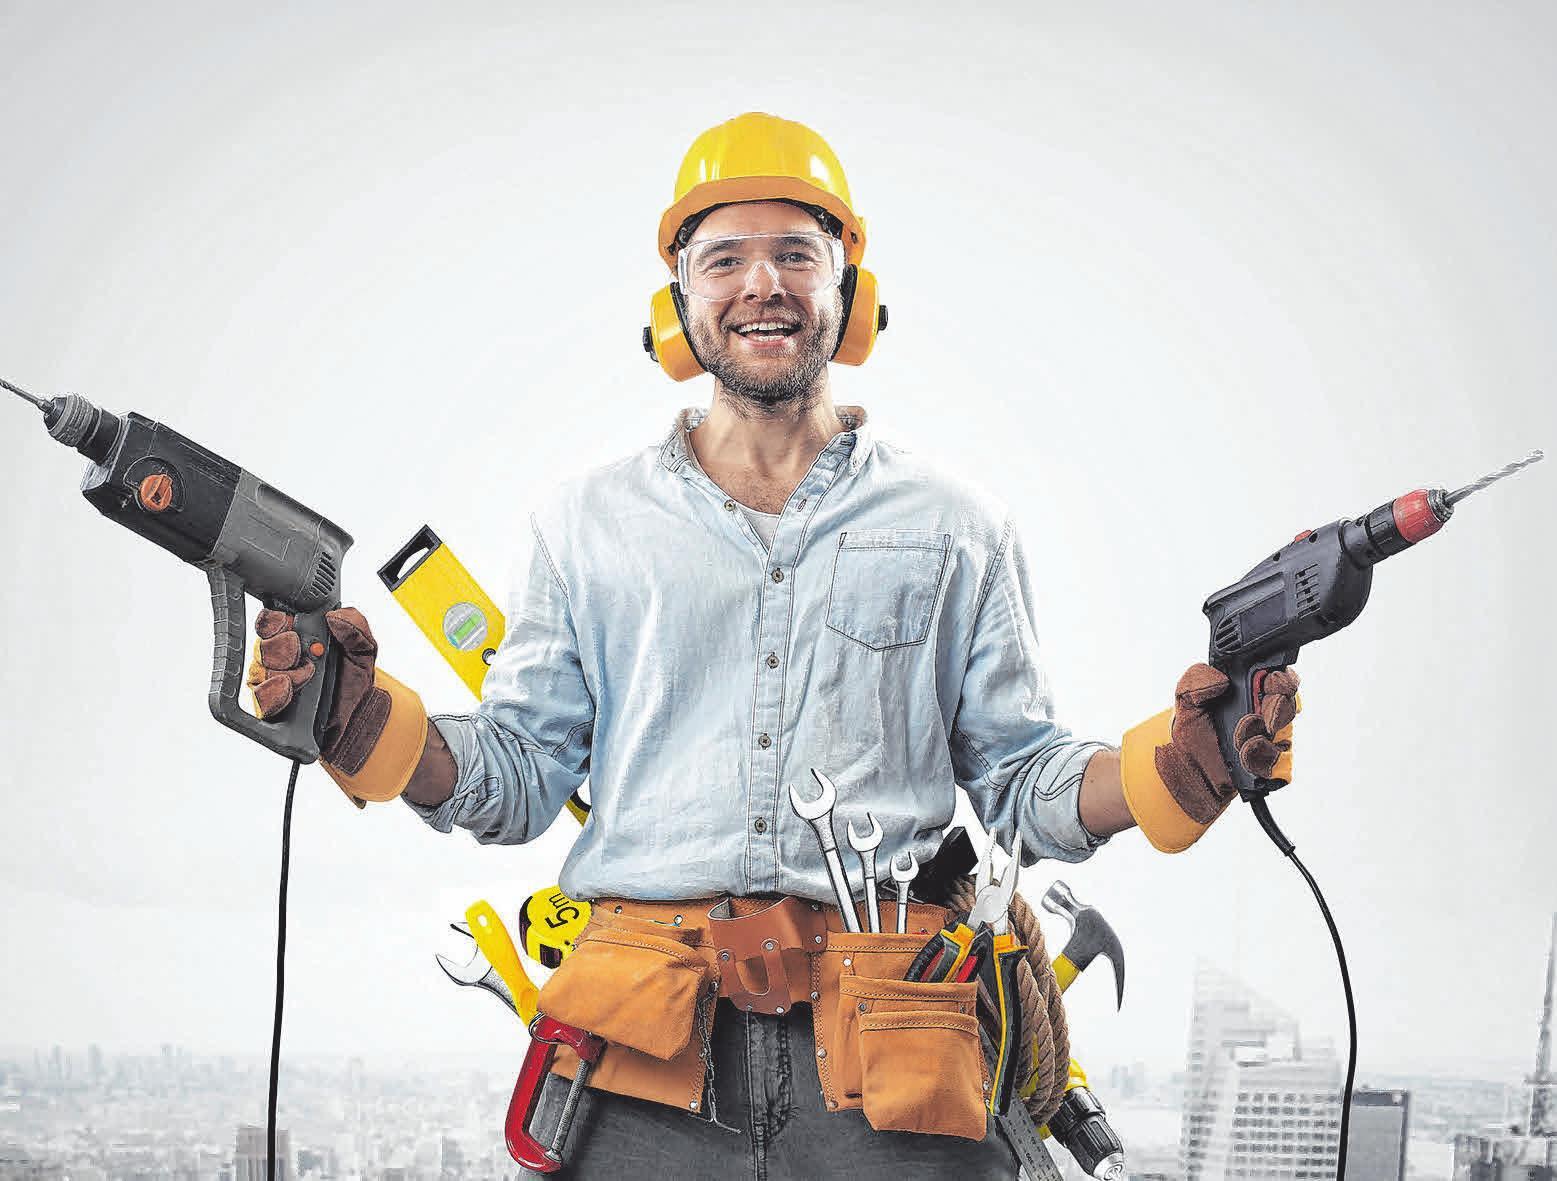 Wer mit seinen Händen arbeiten kann und einen krisensicheren Job sucht, ist im Handwerk genau richtig. Fotos: Colourbox